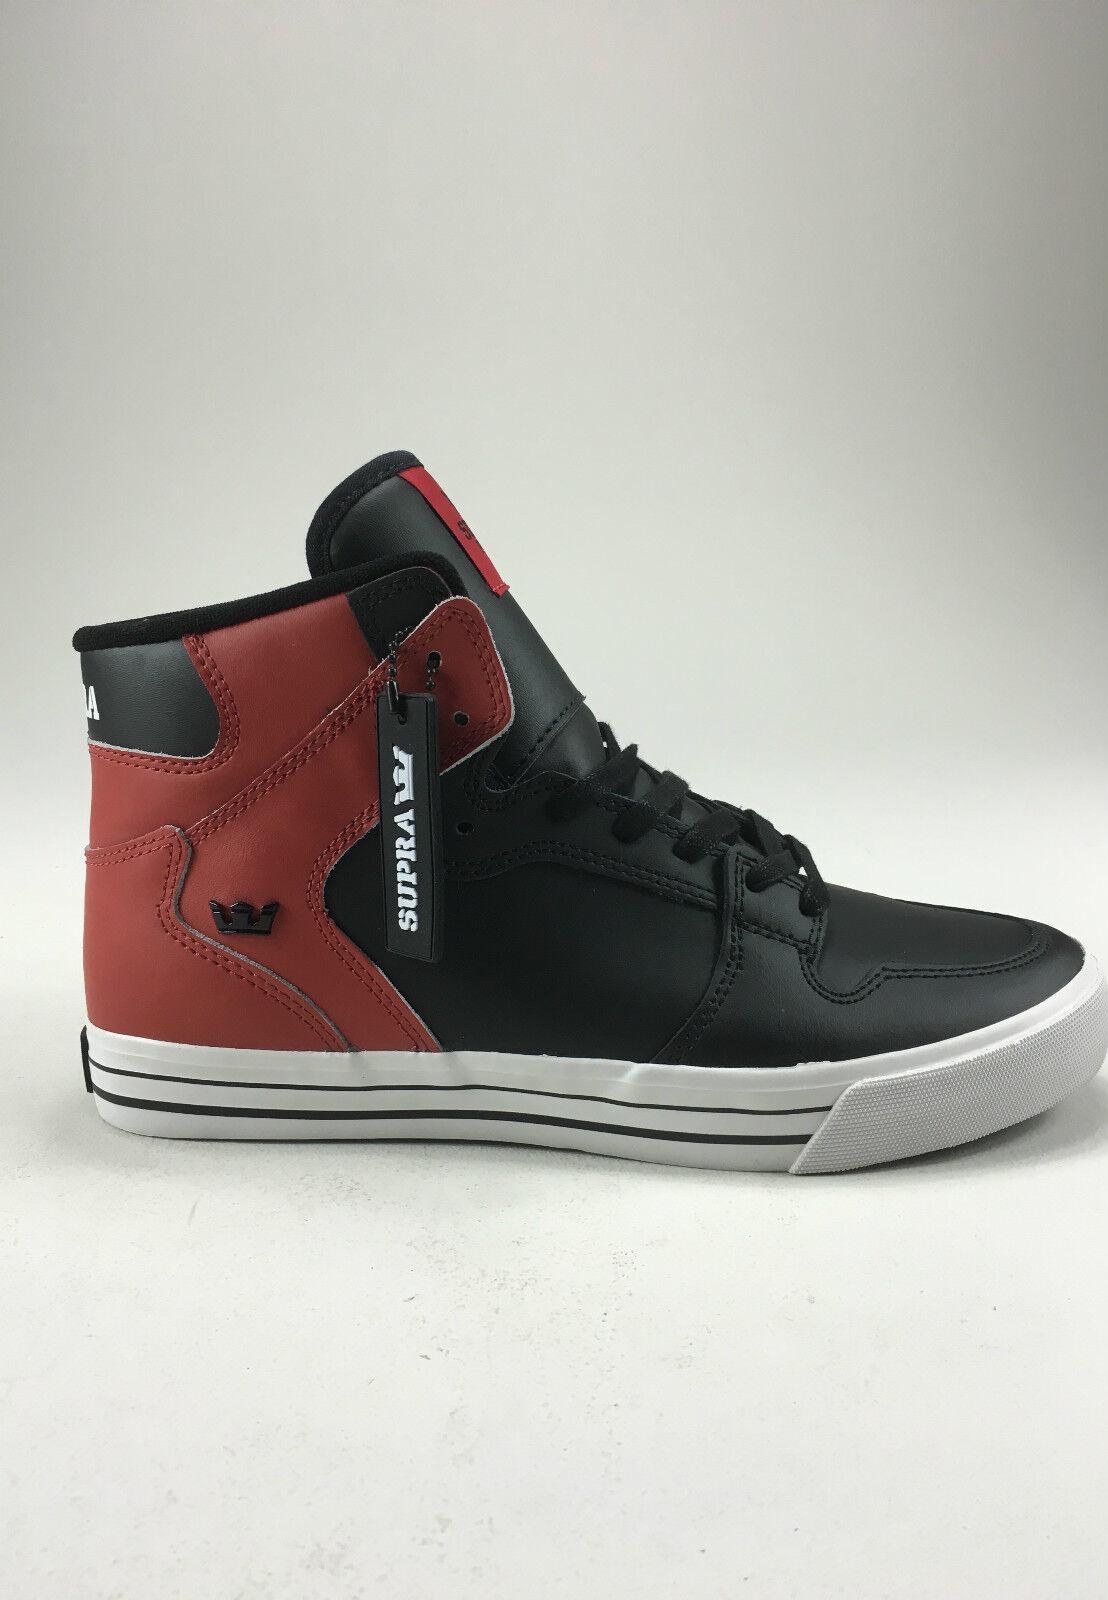 Supra Vaider zapatos Trainers Negro Rojo Nuevo en caja en tamaño de